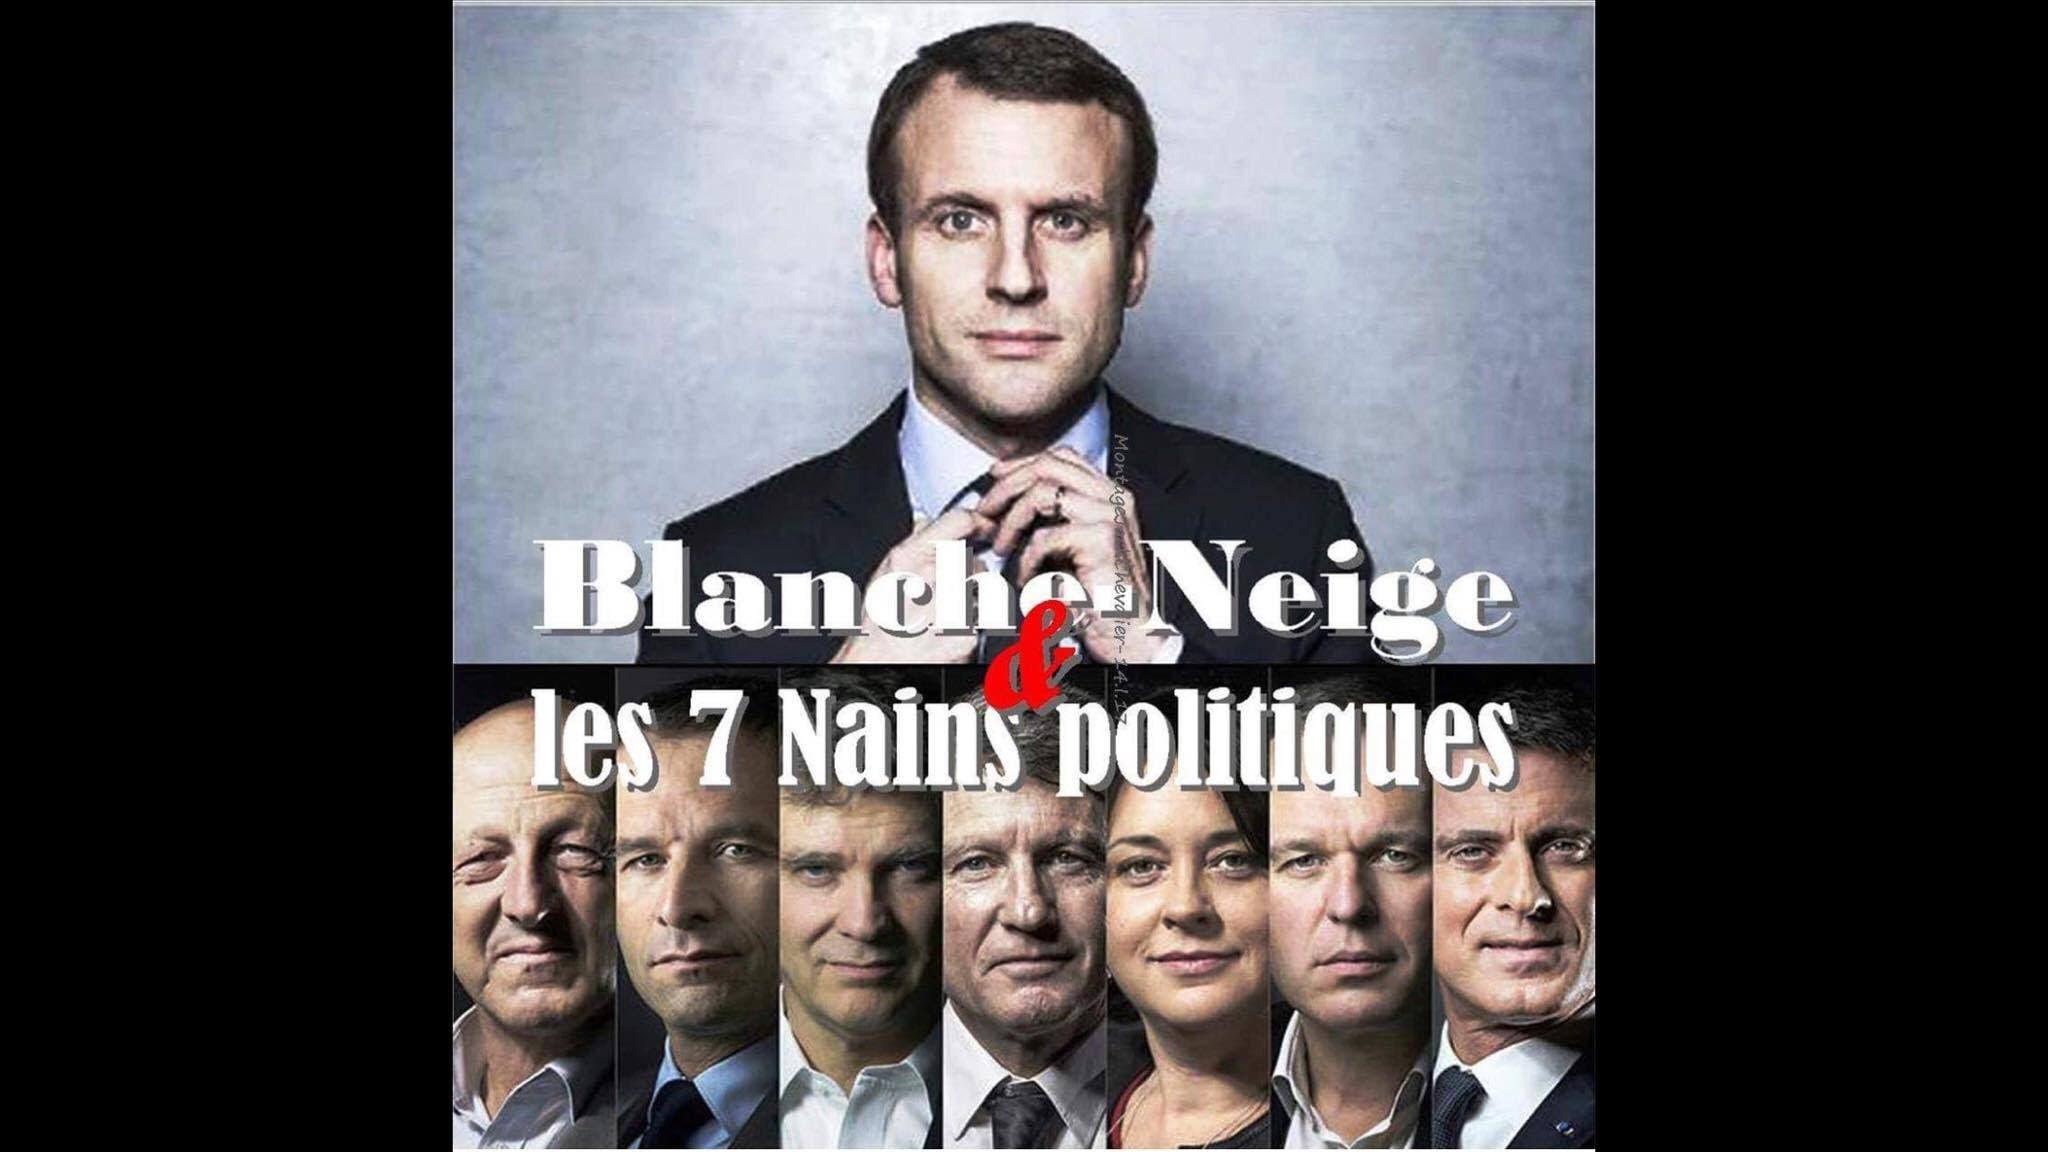 7 nains